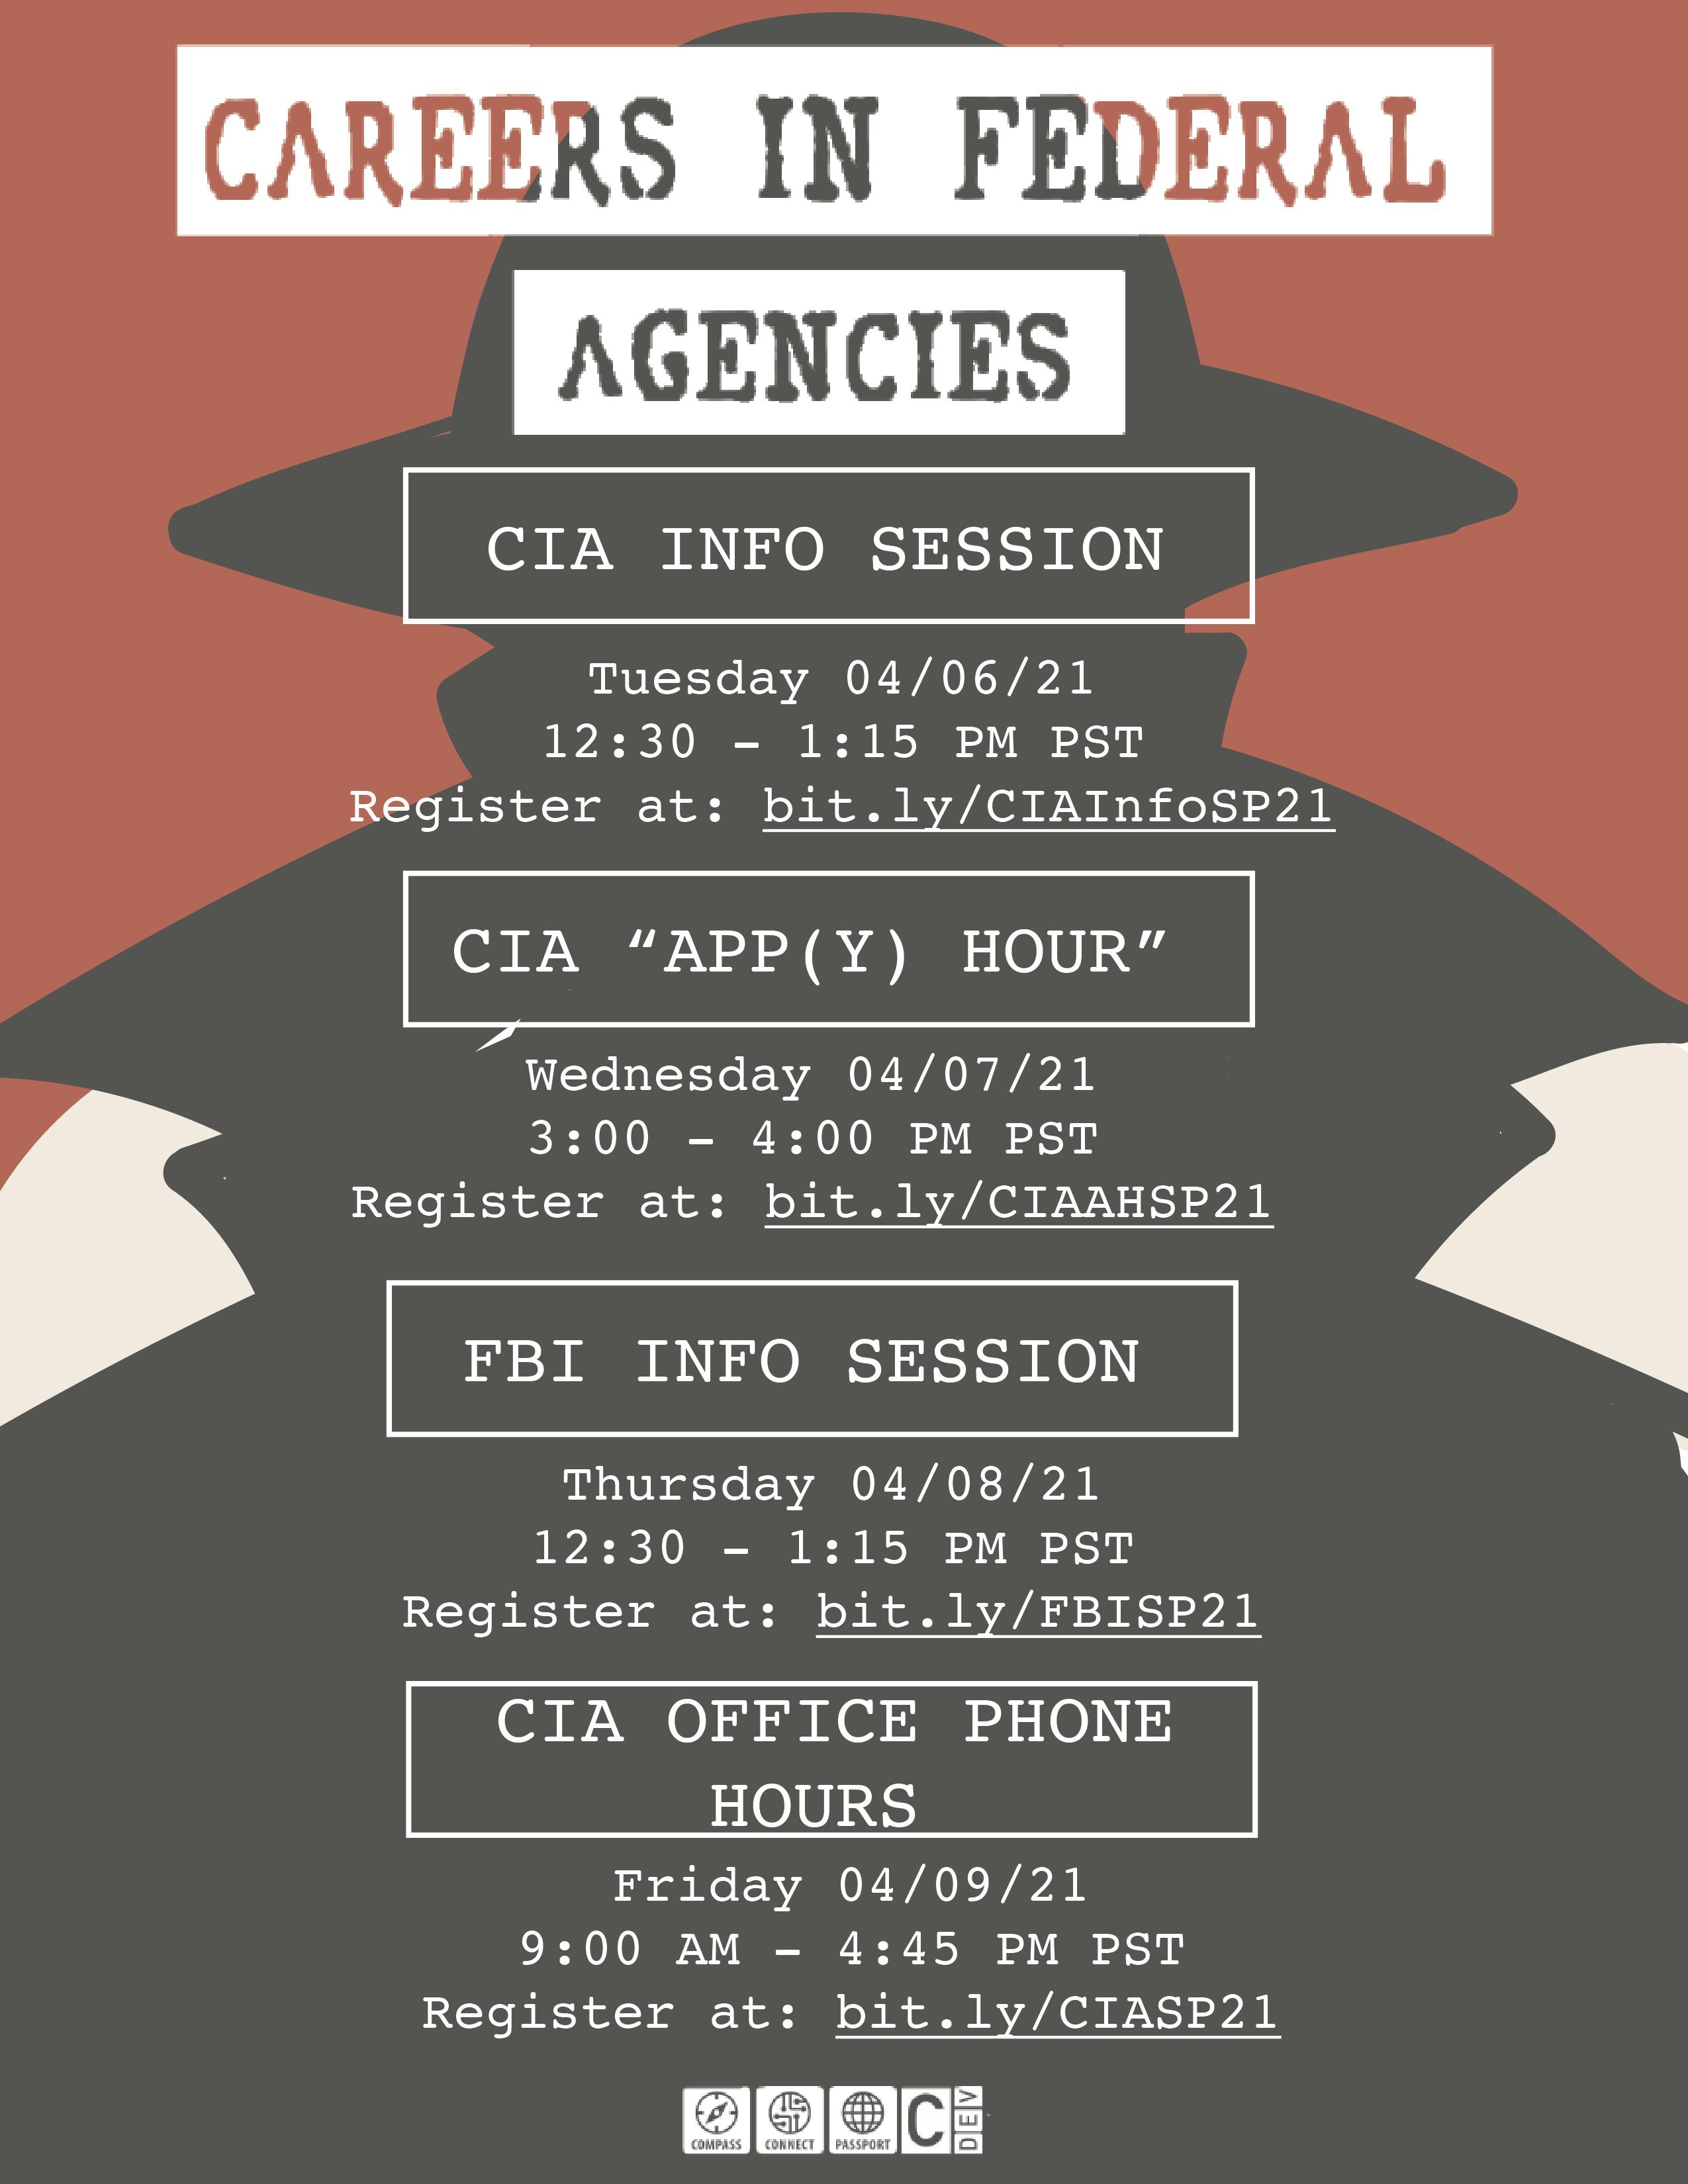 Careers in Federal Agencies Flyer